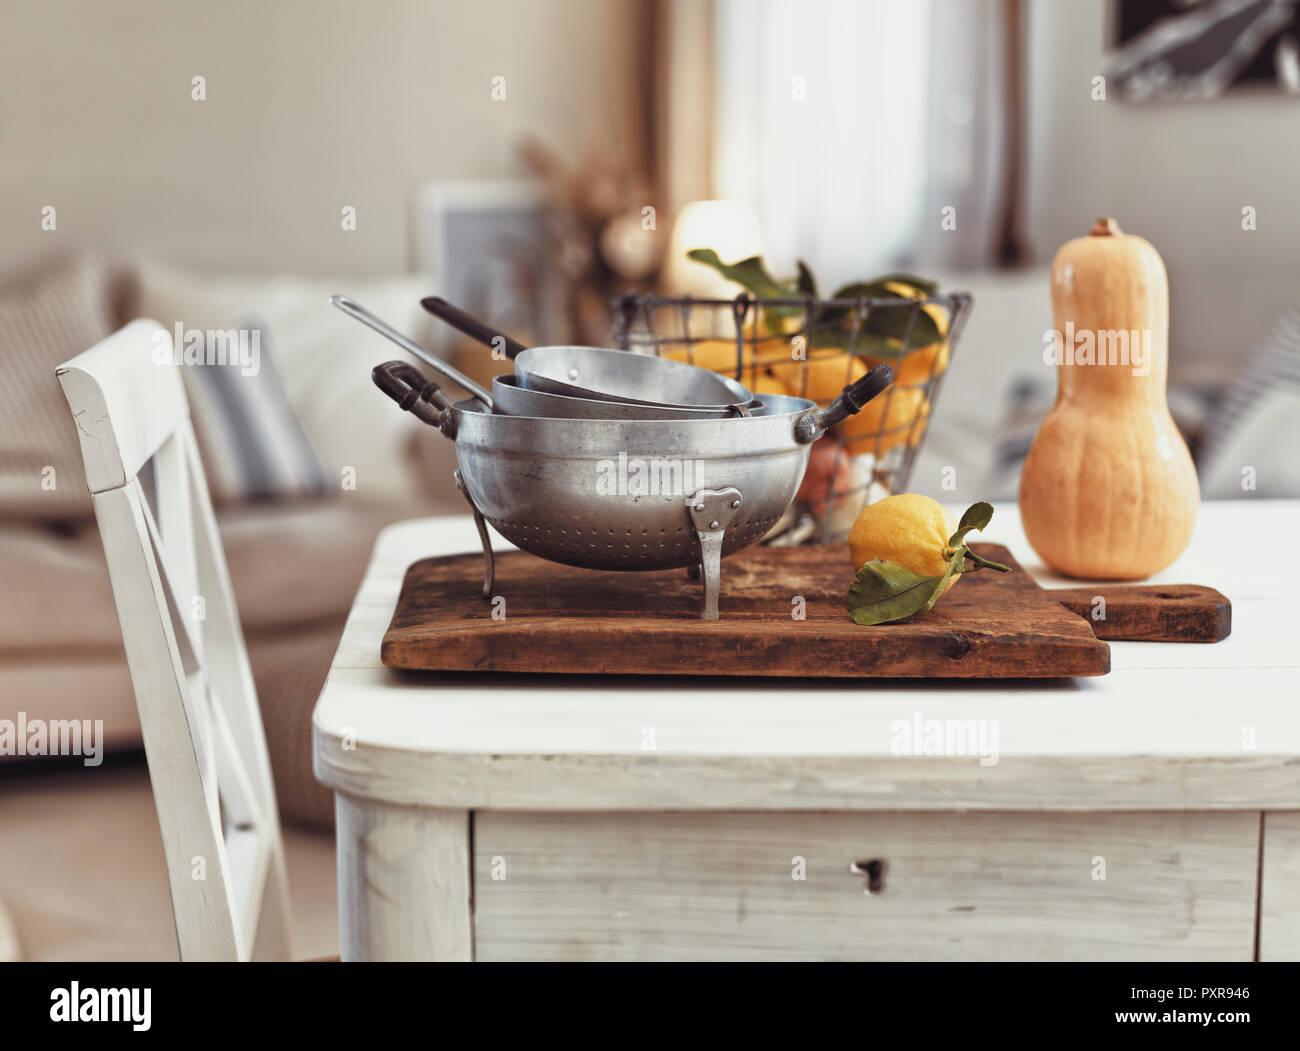 Des ustensiles de cuisine et des fruits nostalgique sur la vieille table en bois Photo Stock